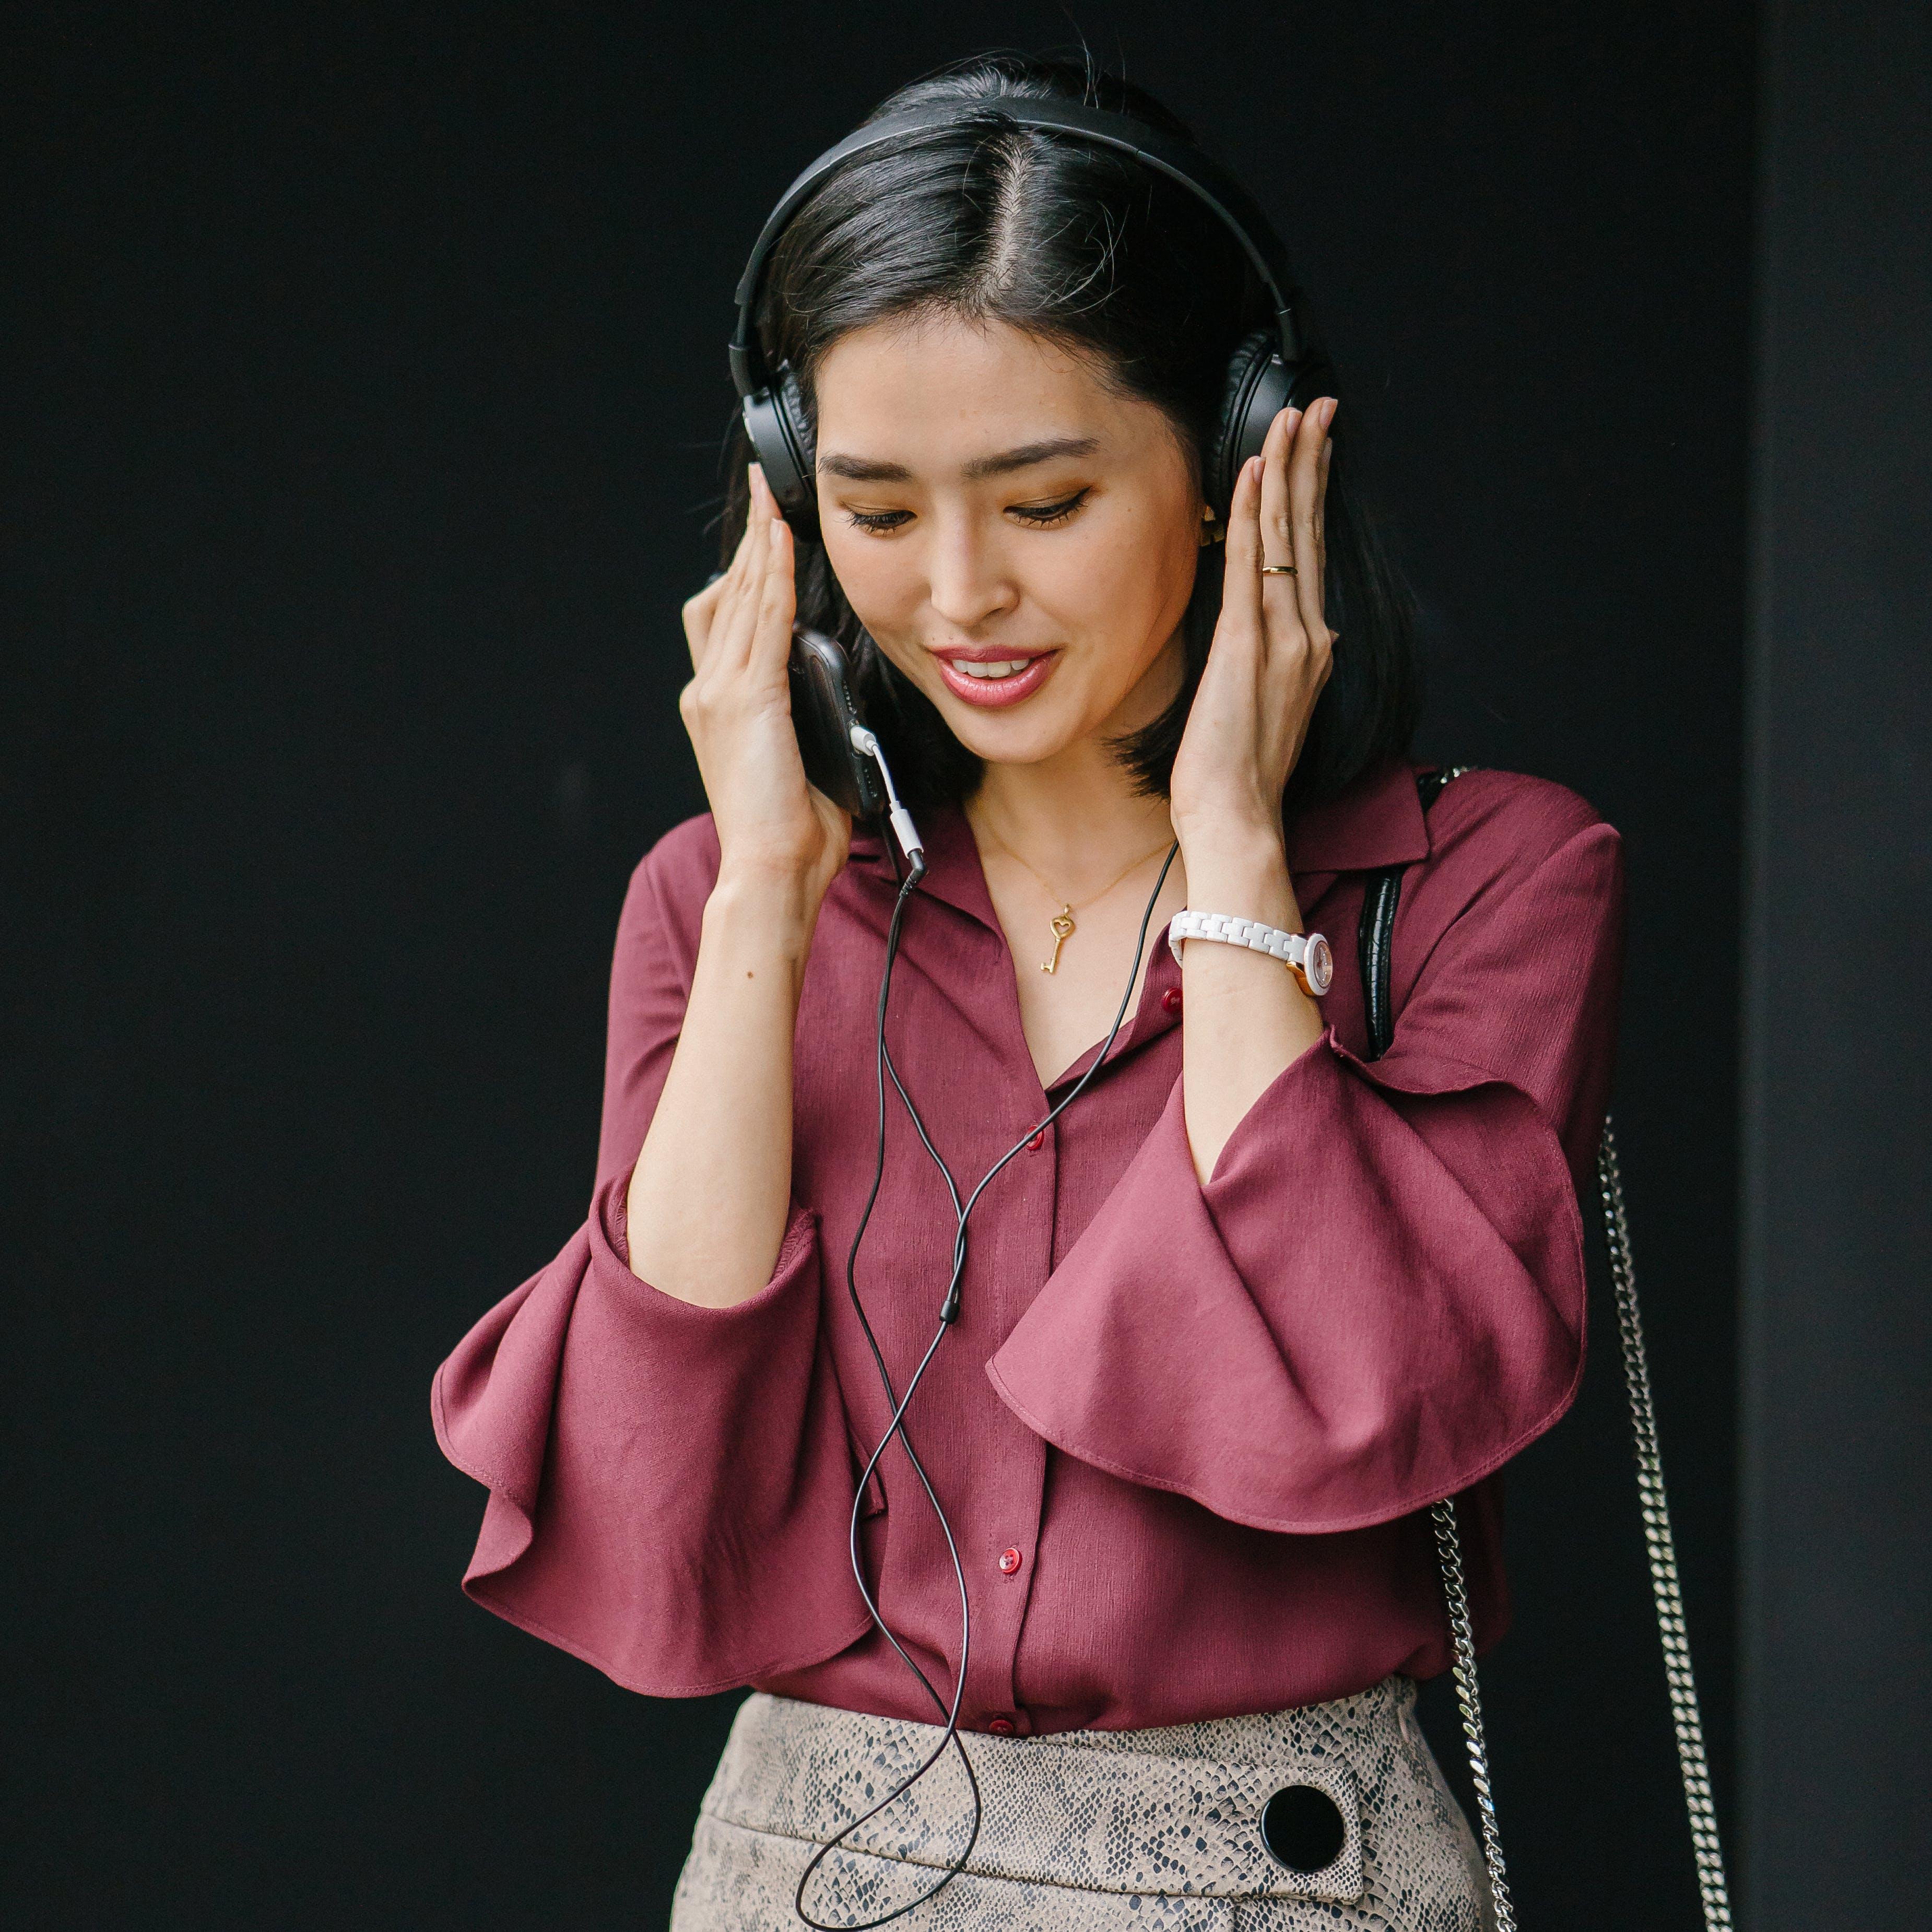 aşındırmak, Asyalı kadın, bayan, çekici; cazip içeren Ücretsiz stok fotoğraf